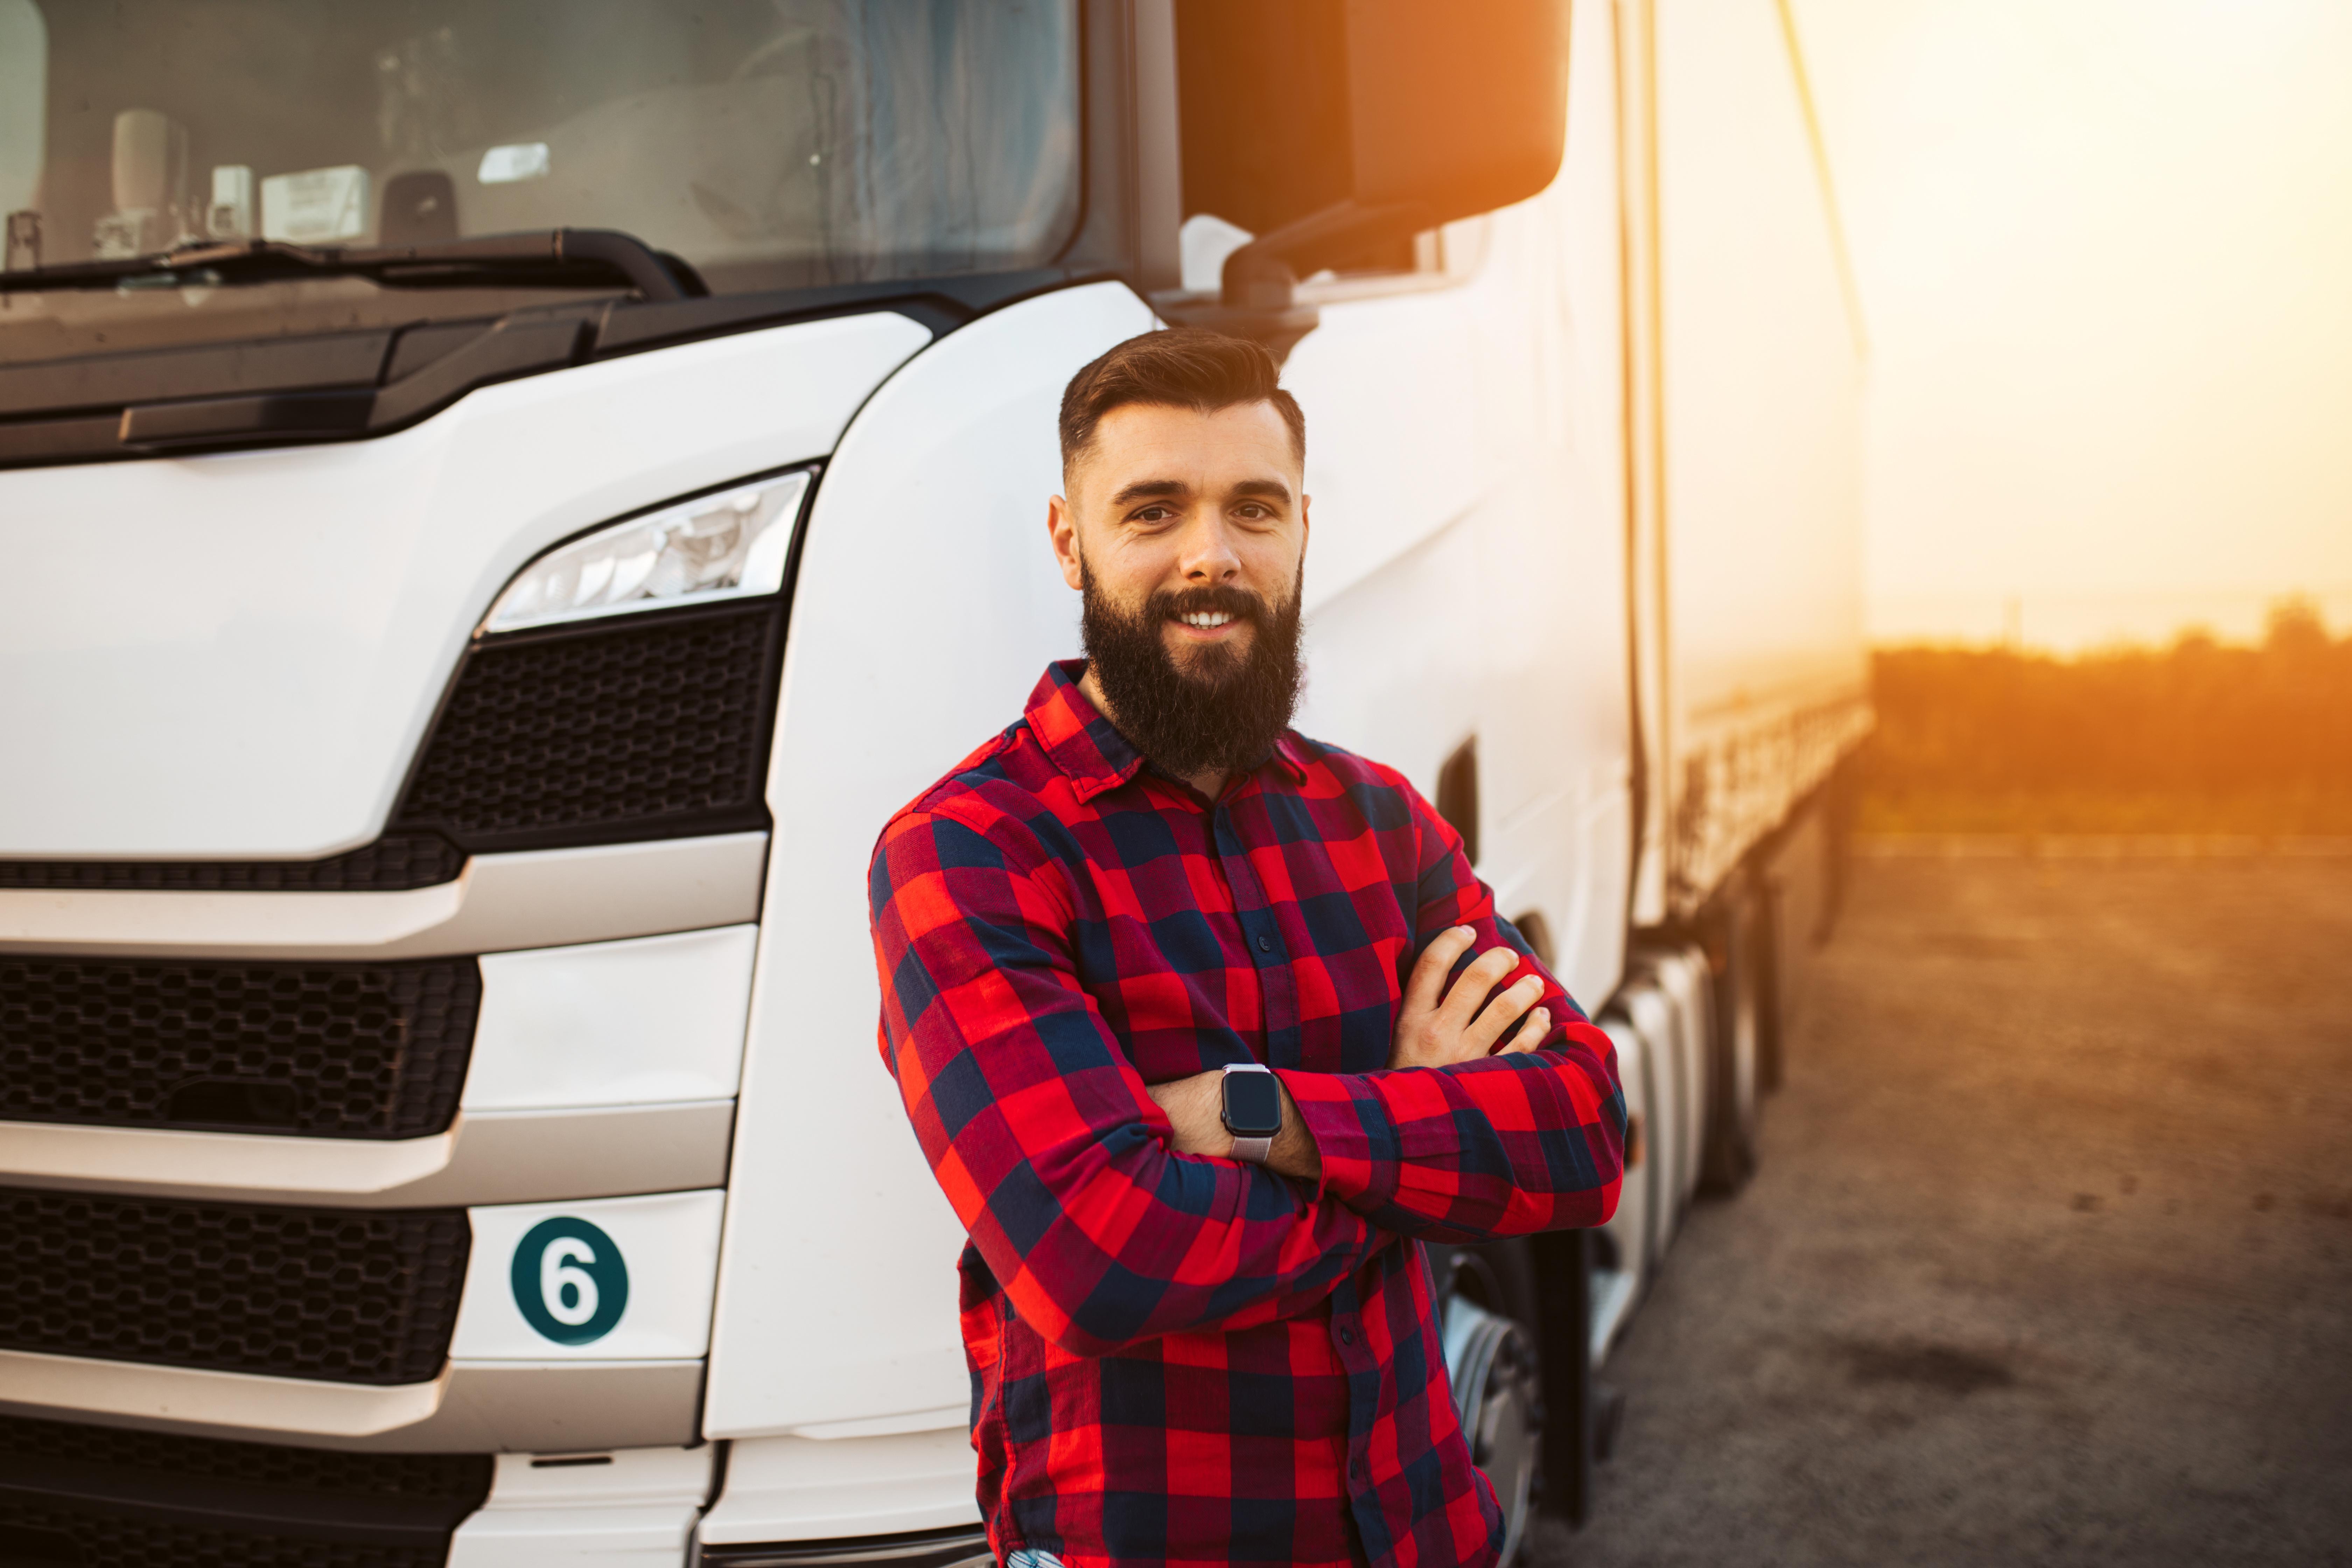 LKW-Fahrer – ein Beruf mit Zukunftsperspektive